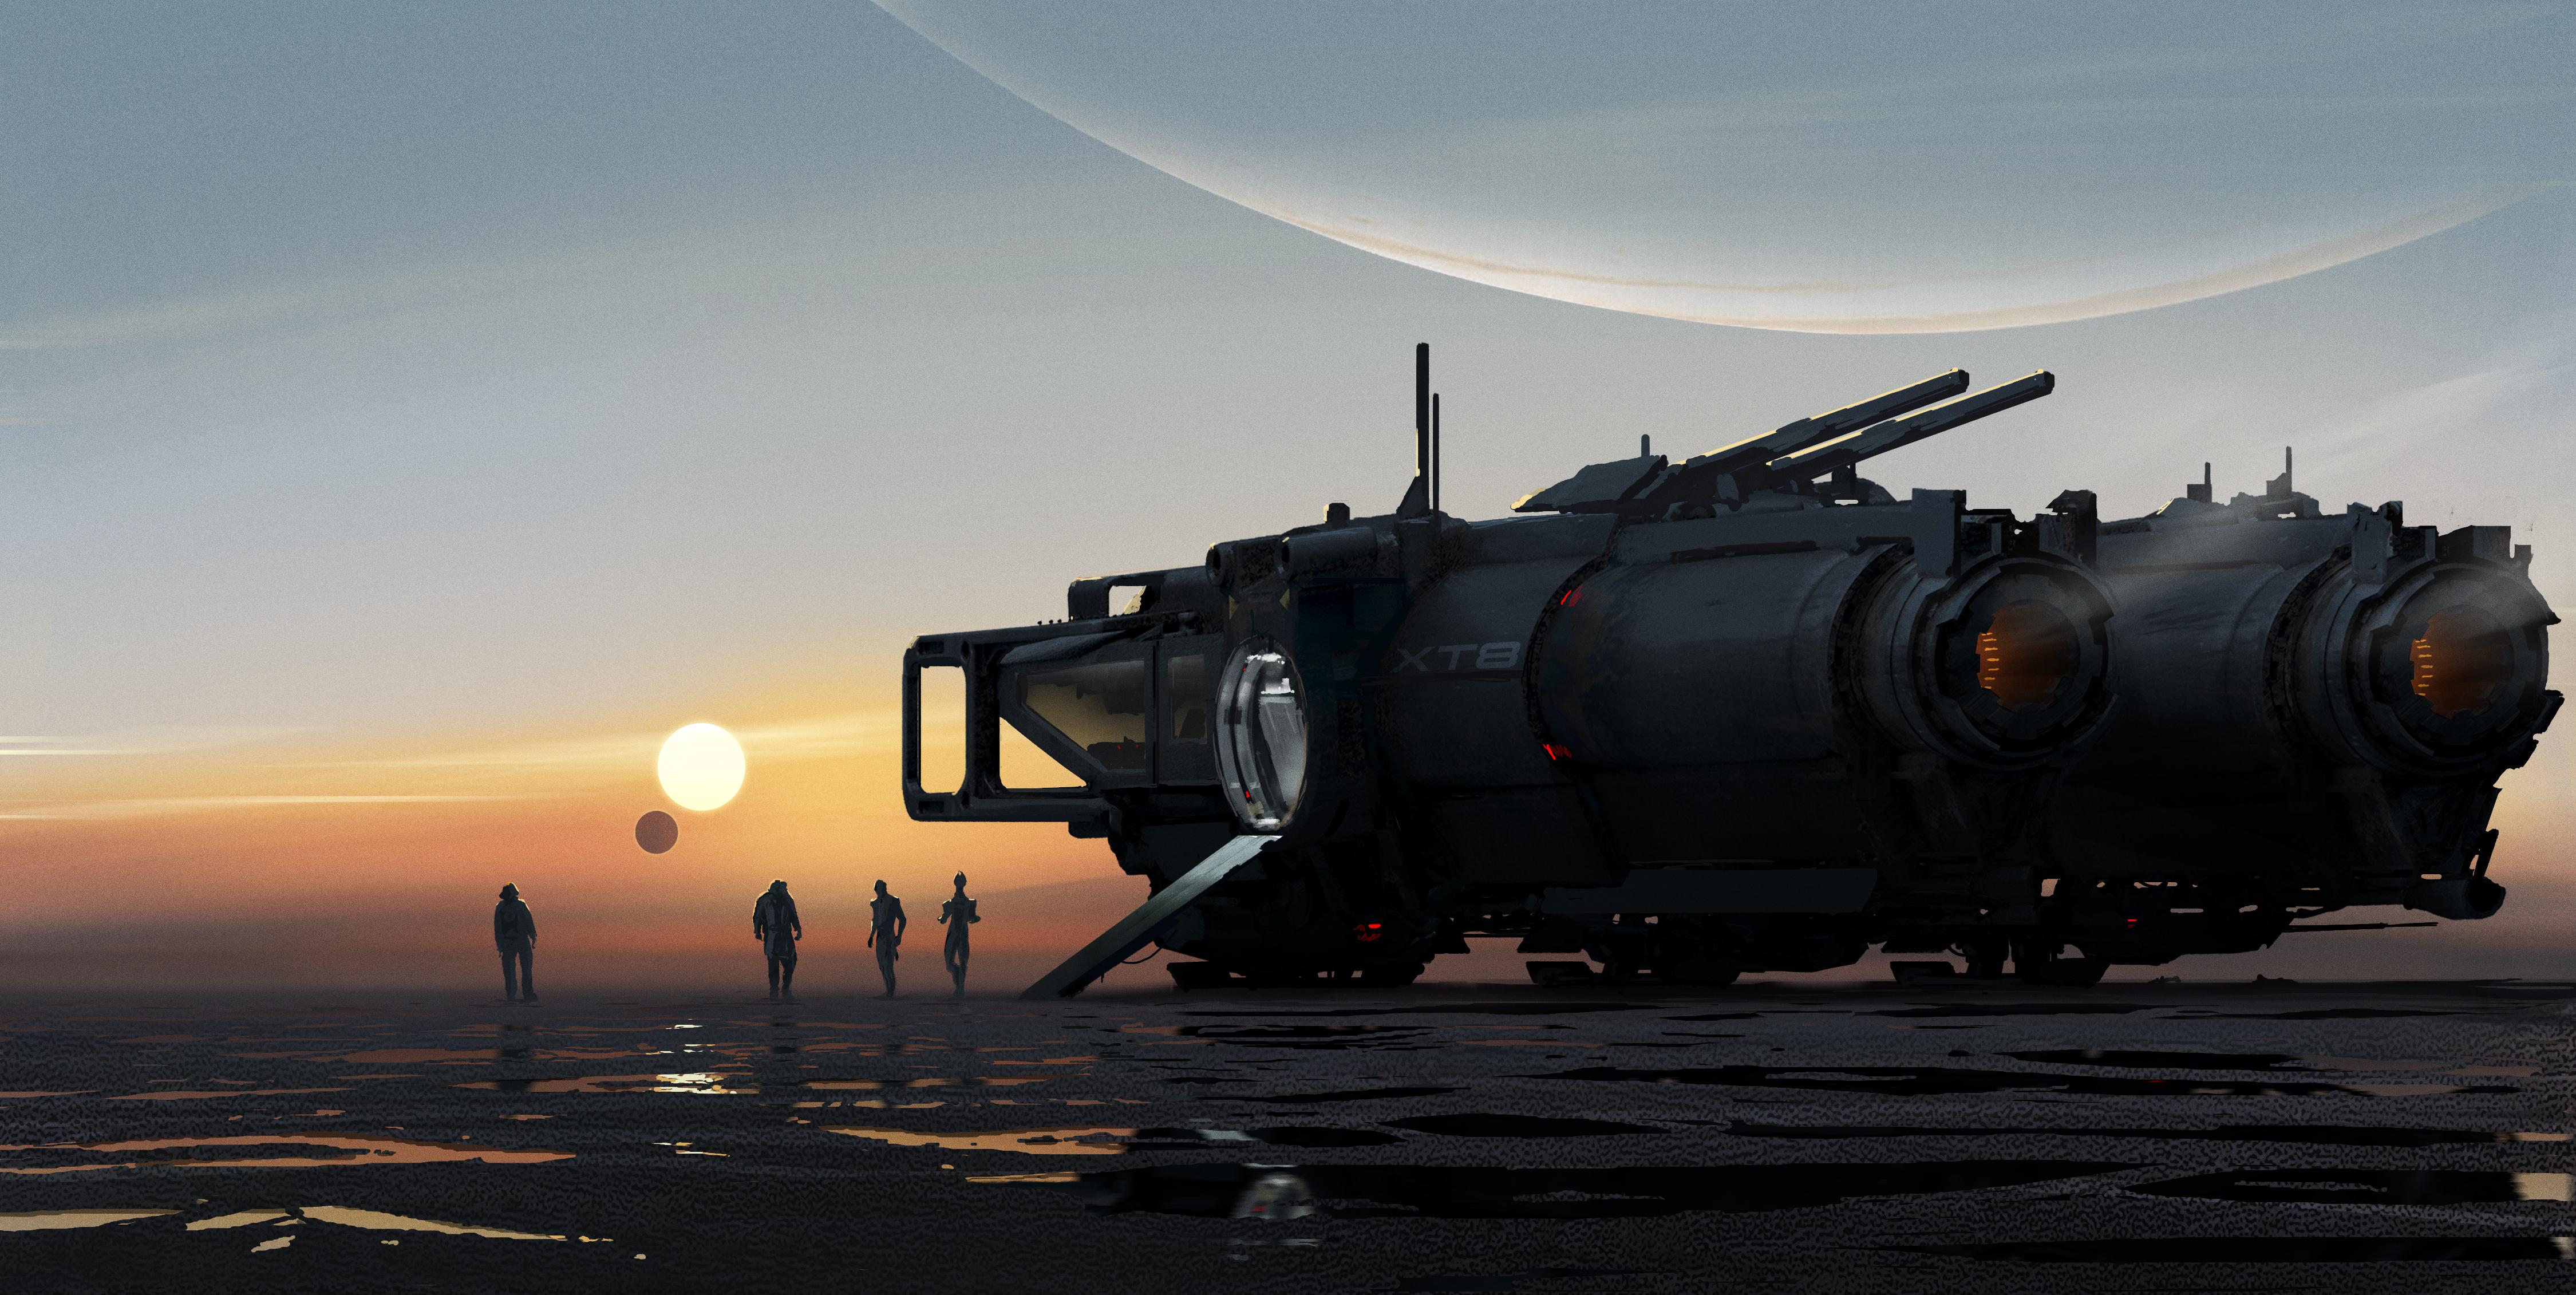 Появились новые концепт-арты следующей Mass Effect, которые намекают на место действия игры